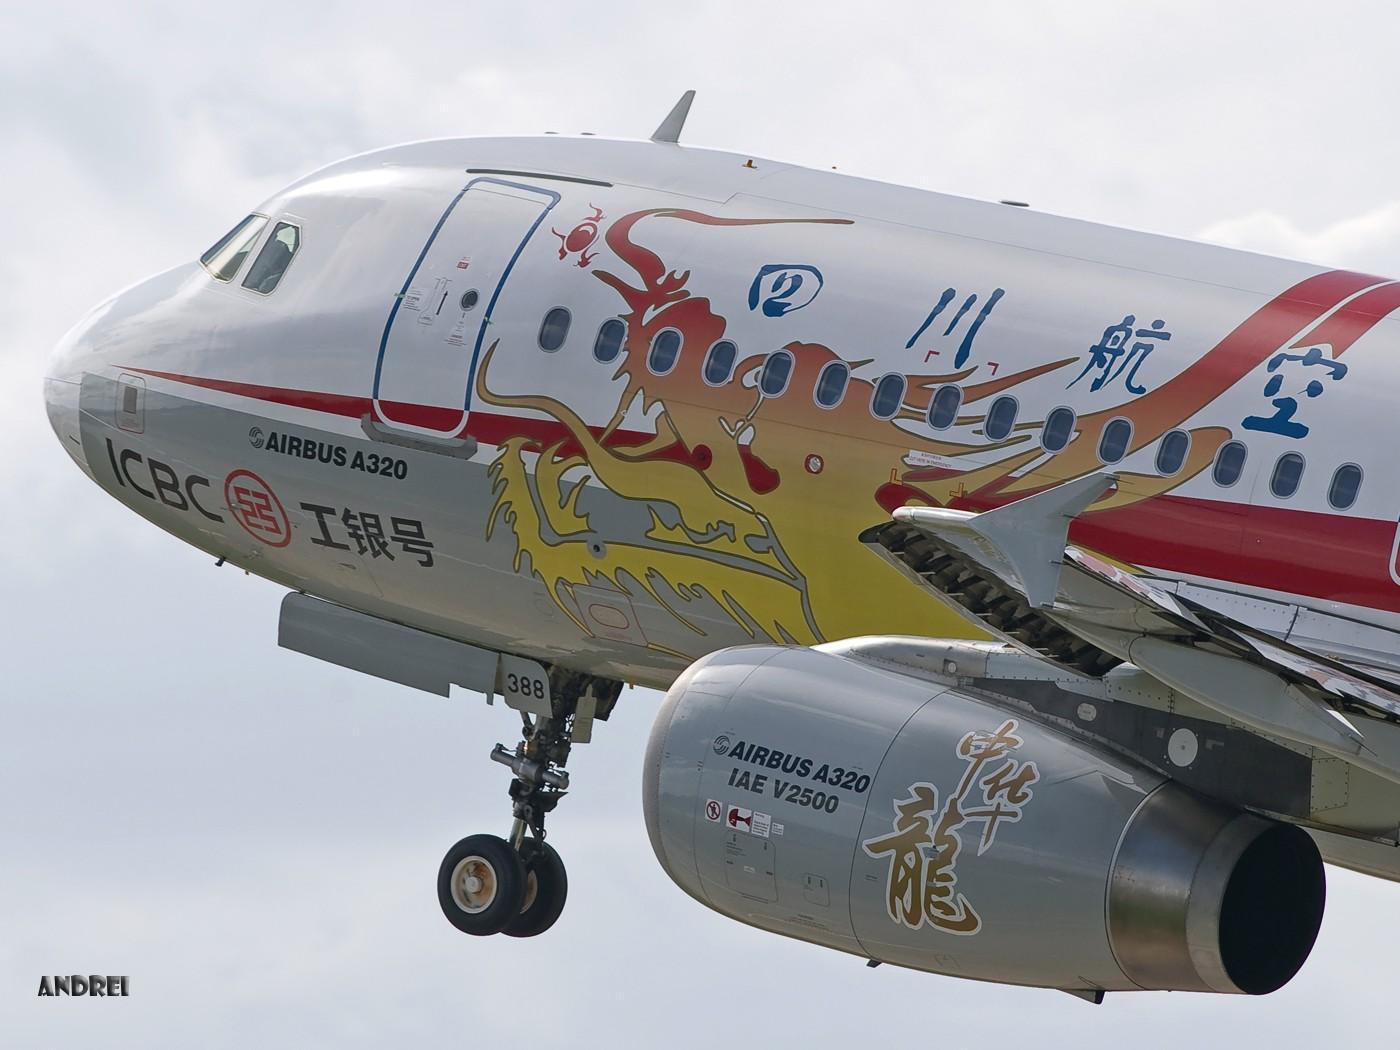 Re:[原创]在Silk般丝滑油润的光线下,我——醉了! AIRBUS A320-200 B-6388 中国昆明巫家坝机场